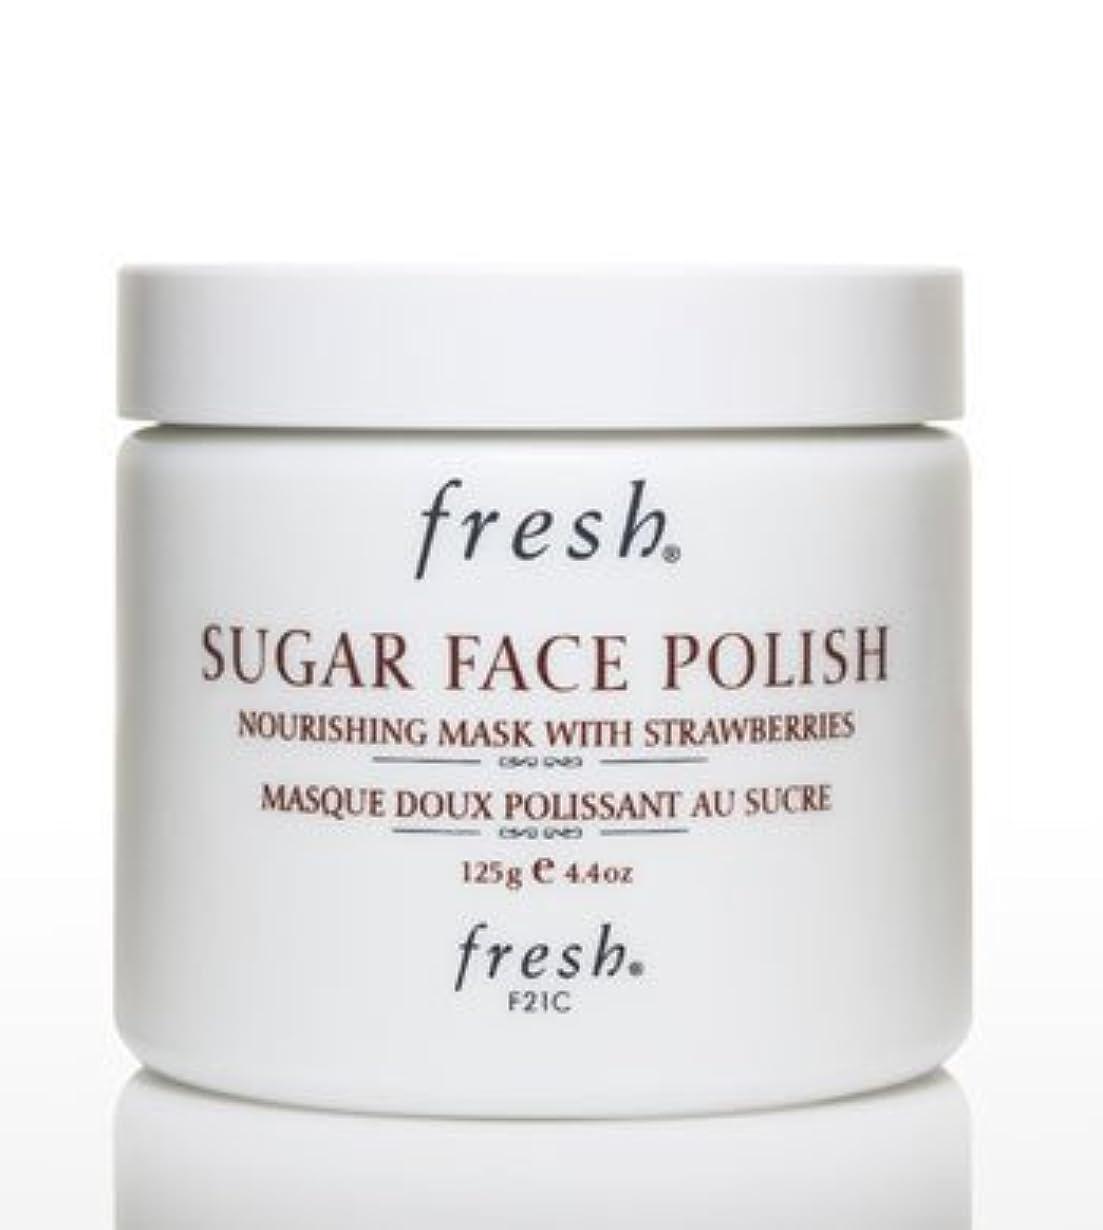 継続中それから直接Fresh SUGAR FACE POLISH (フレッシュ シュガーフェイスポリッシュ) 4.2 oz (125g) by Fresh for Women